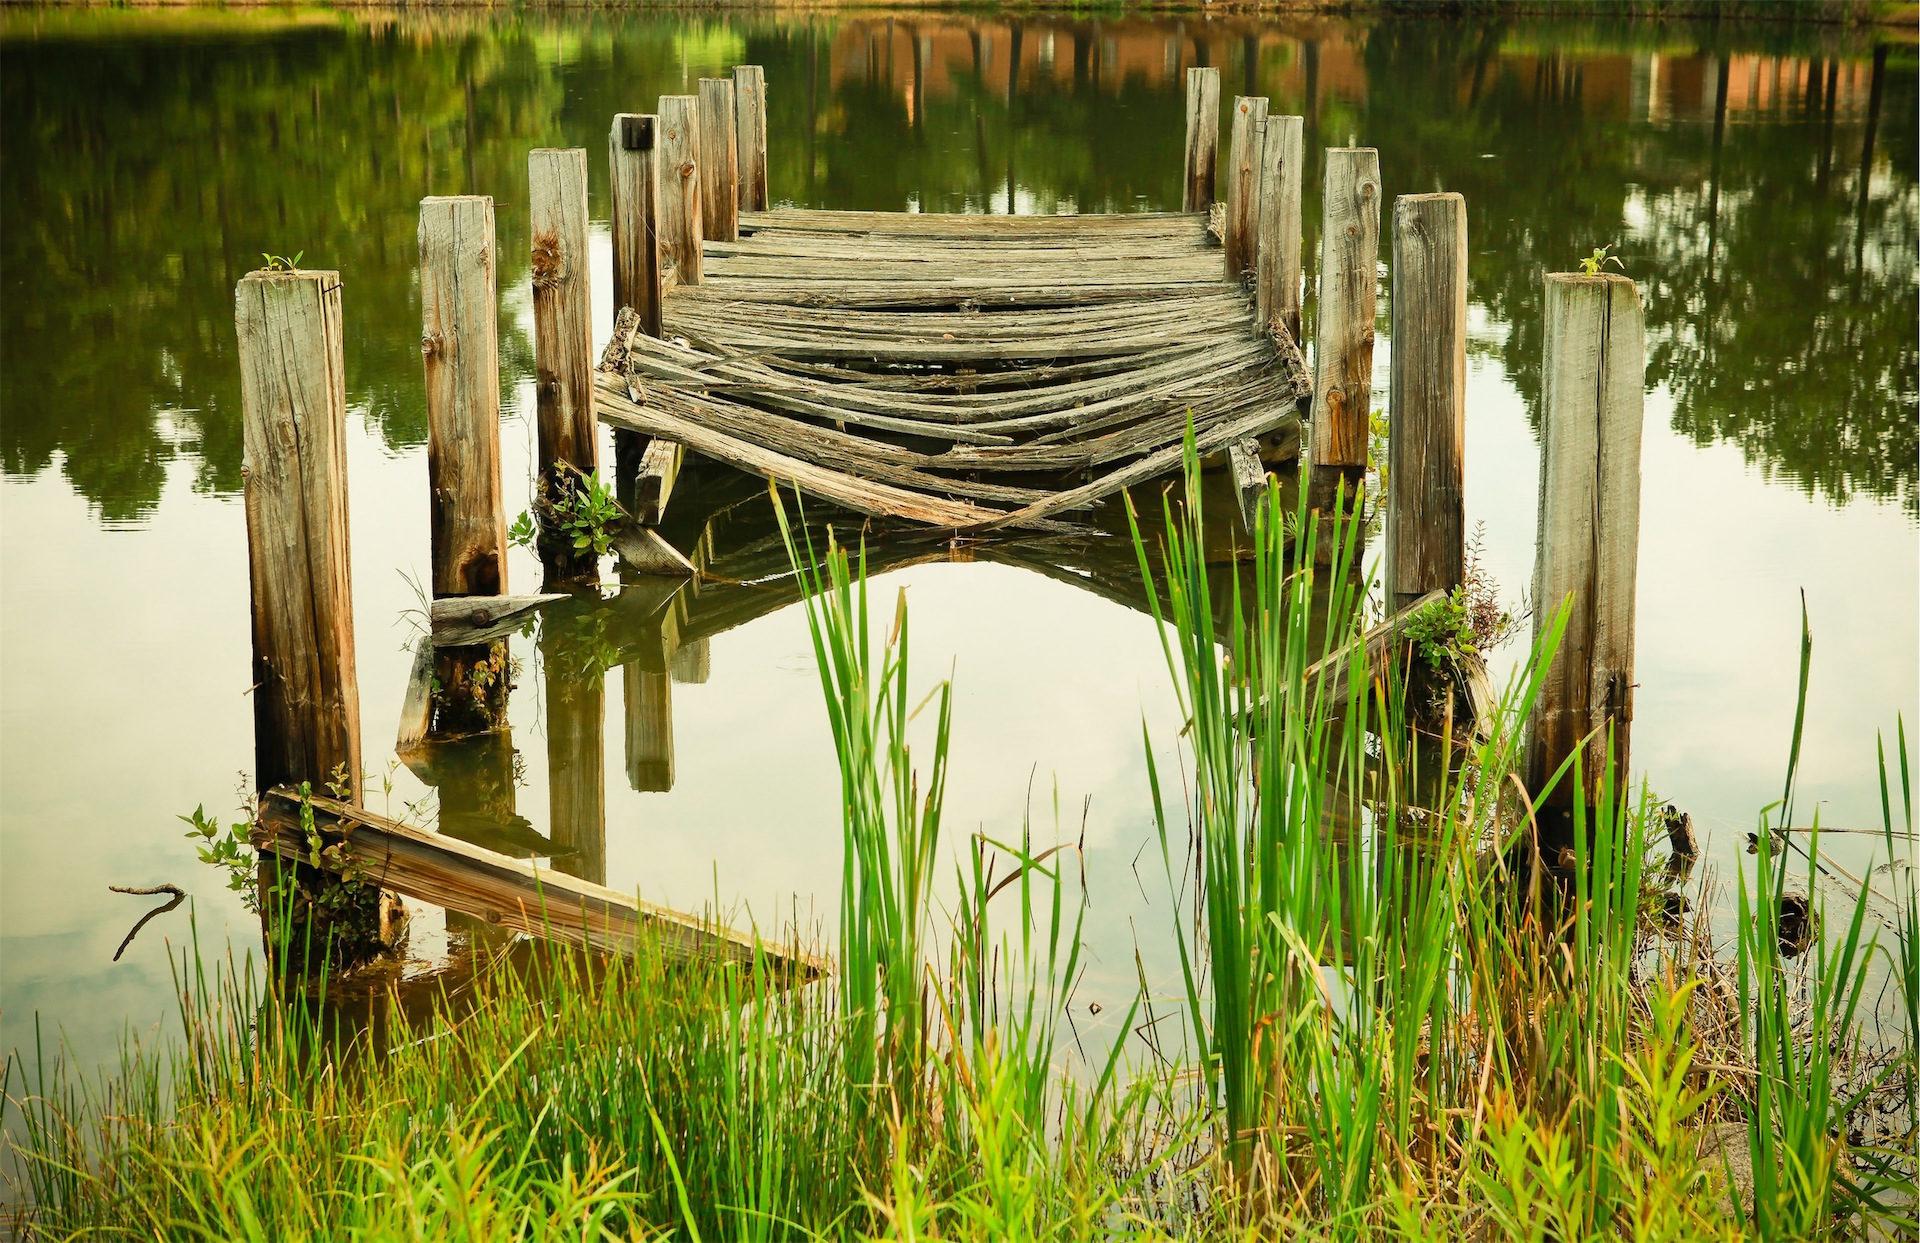 Brücke, alt, gebrochen, Lake, Reflexion - Wallpaper HD - Prof.-falken.com